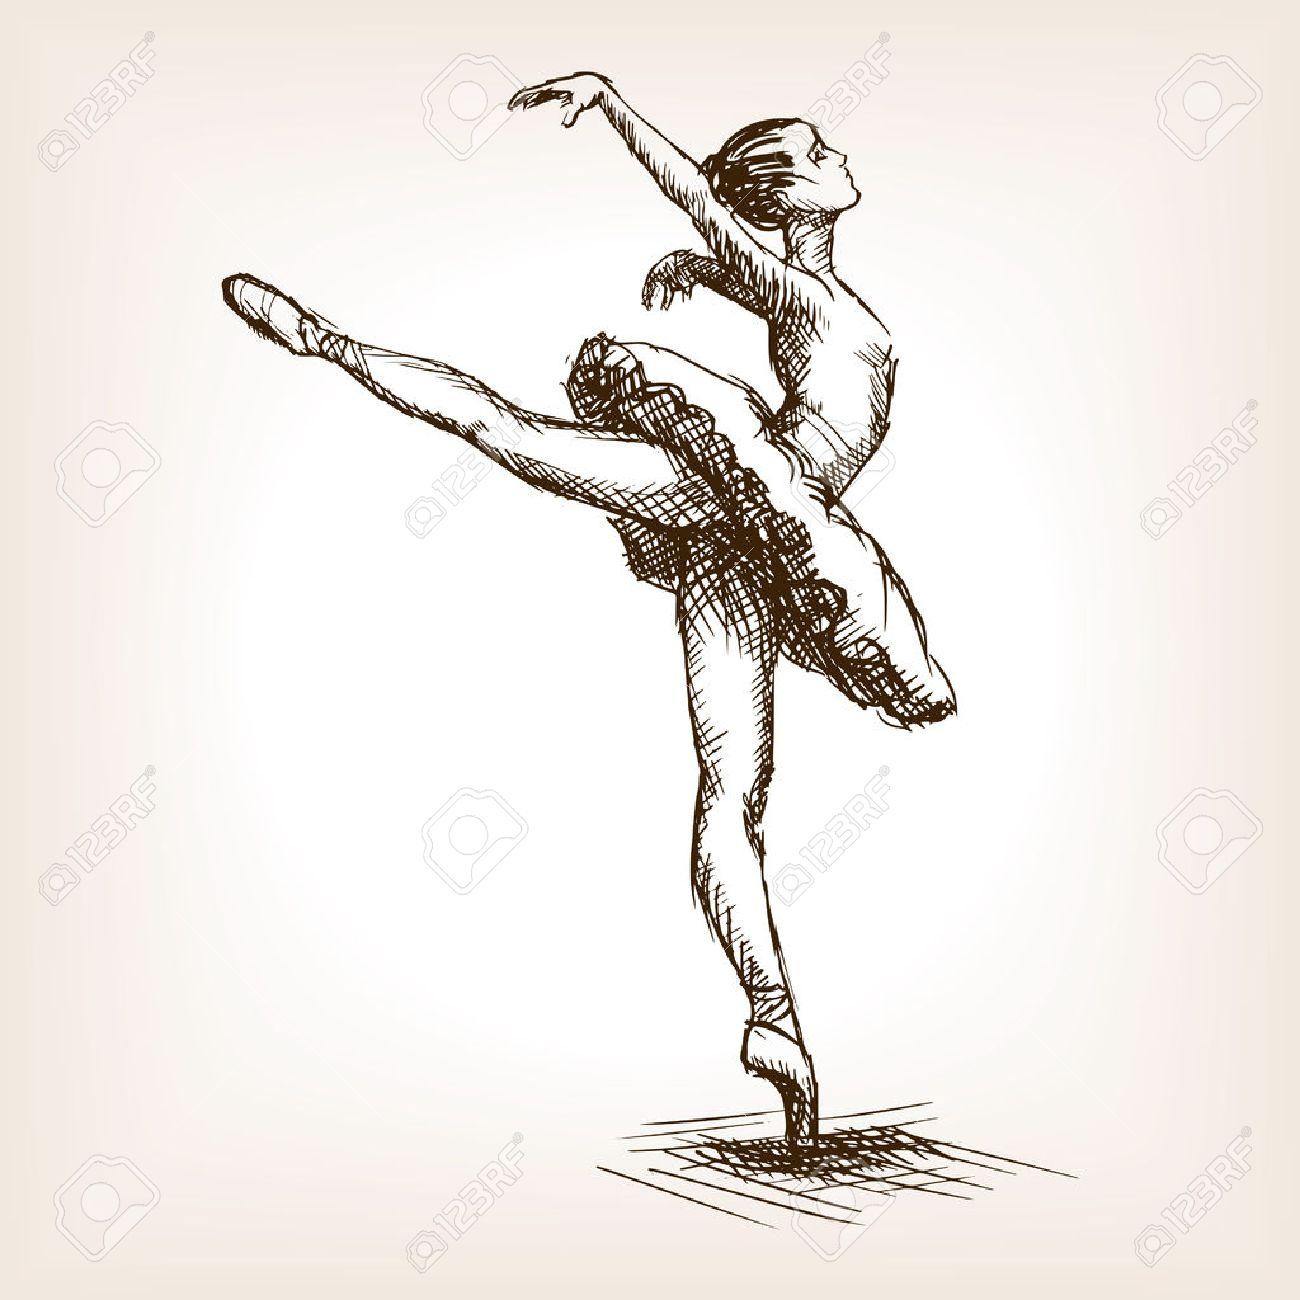 1300x1300 Ballet Dancer Girl Sketch Style Vector Illustration. Old Hand